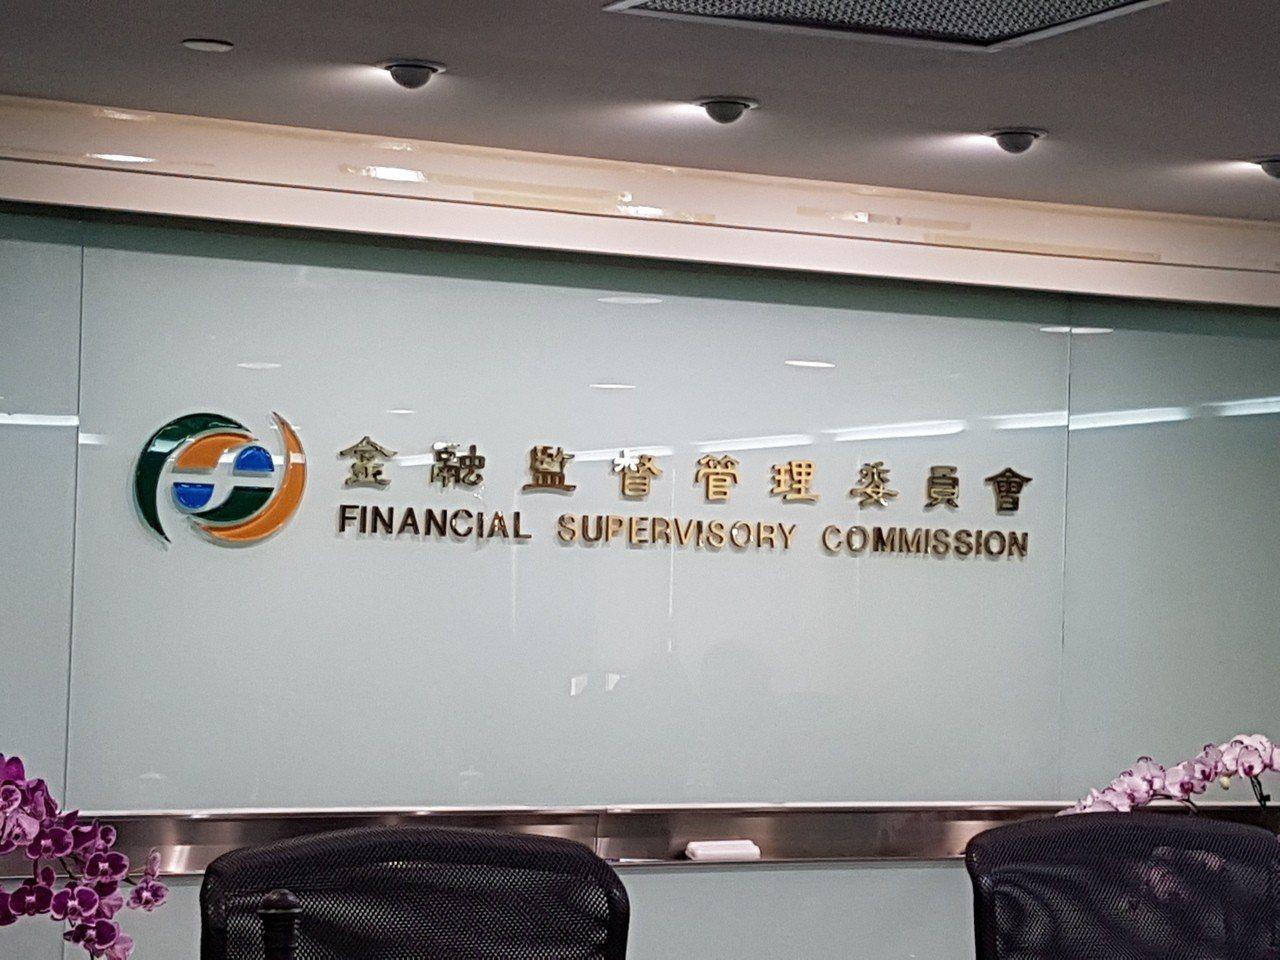 金管會表示,衡酌整體經濟金融發展情勢、城鄉均衡發展及各申請機構財業務狀況後,核定...